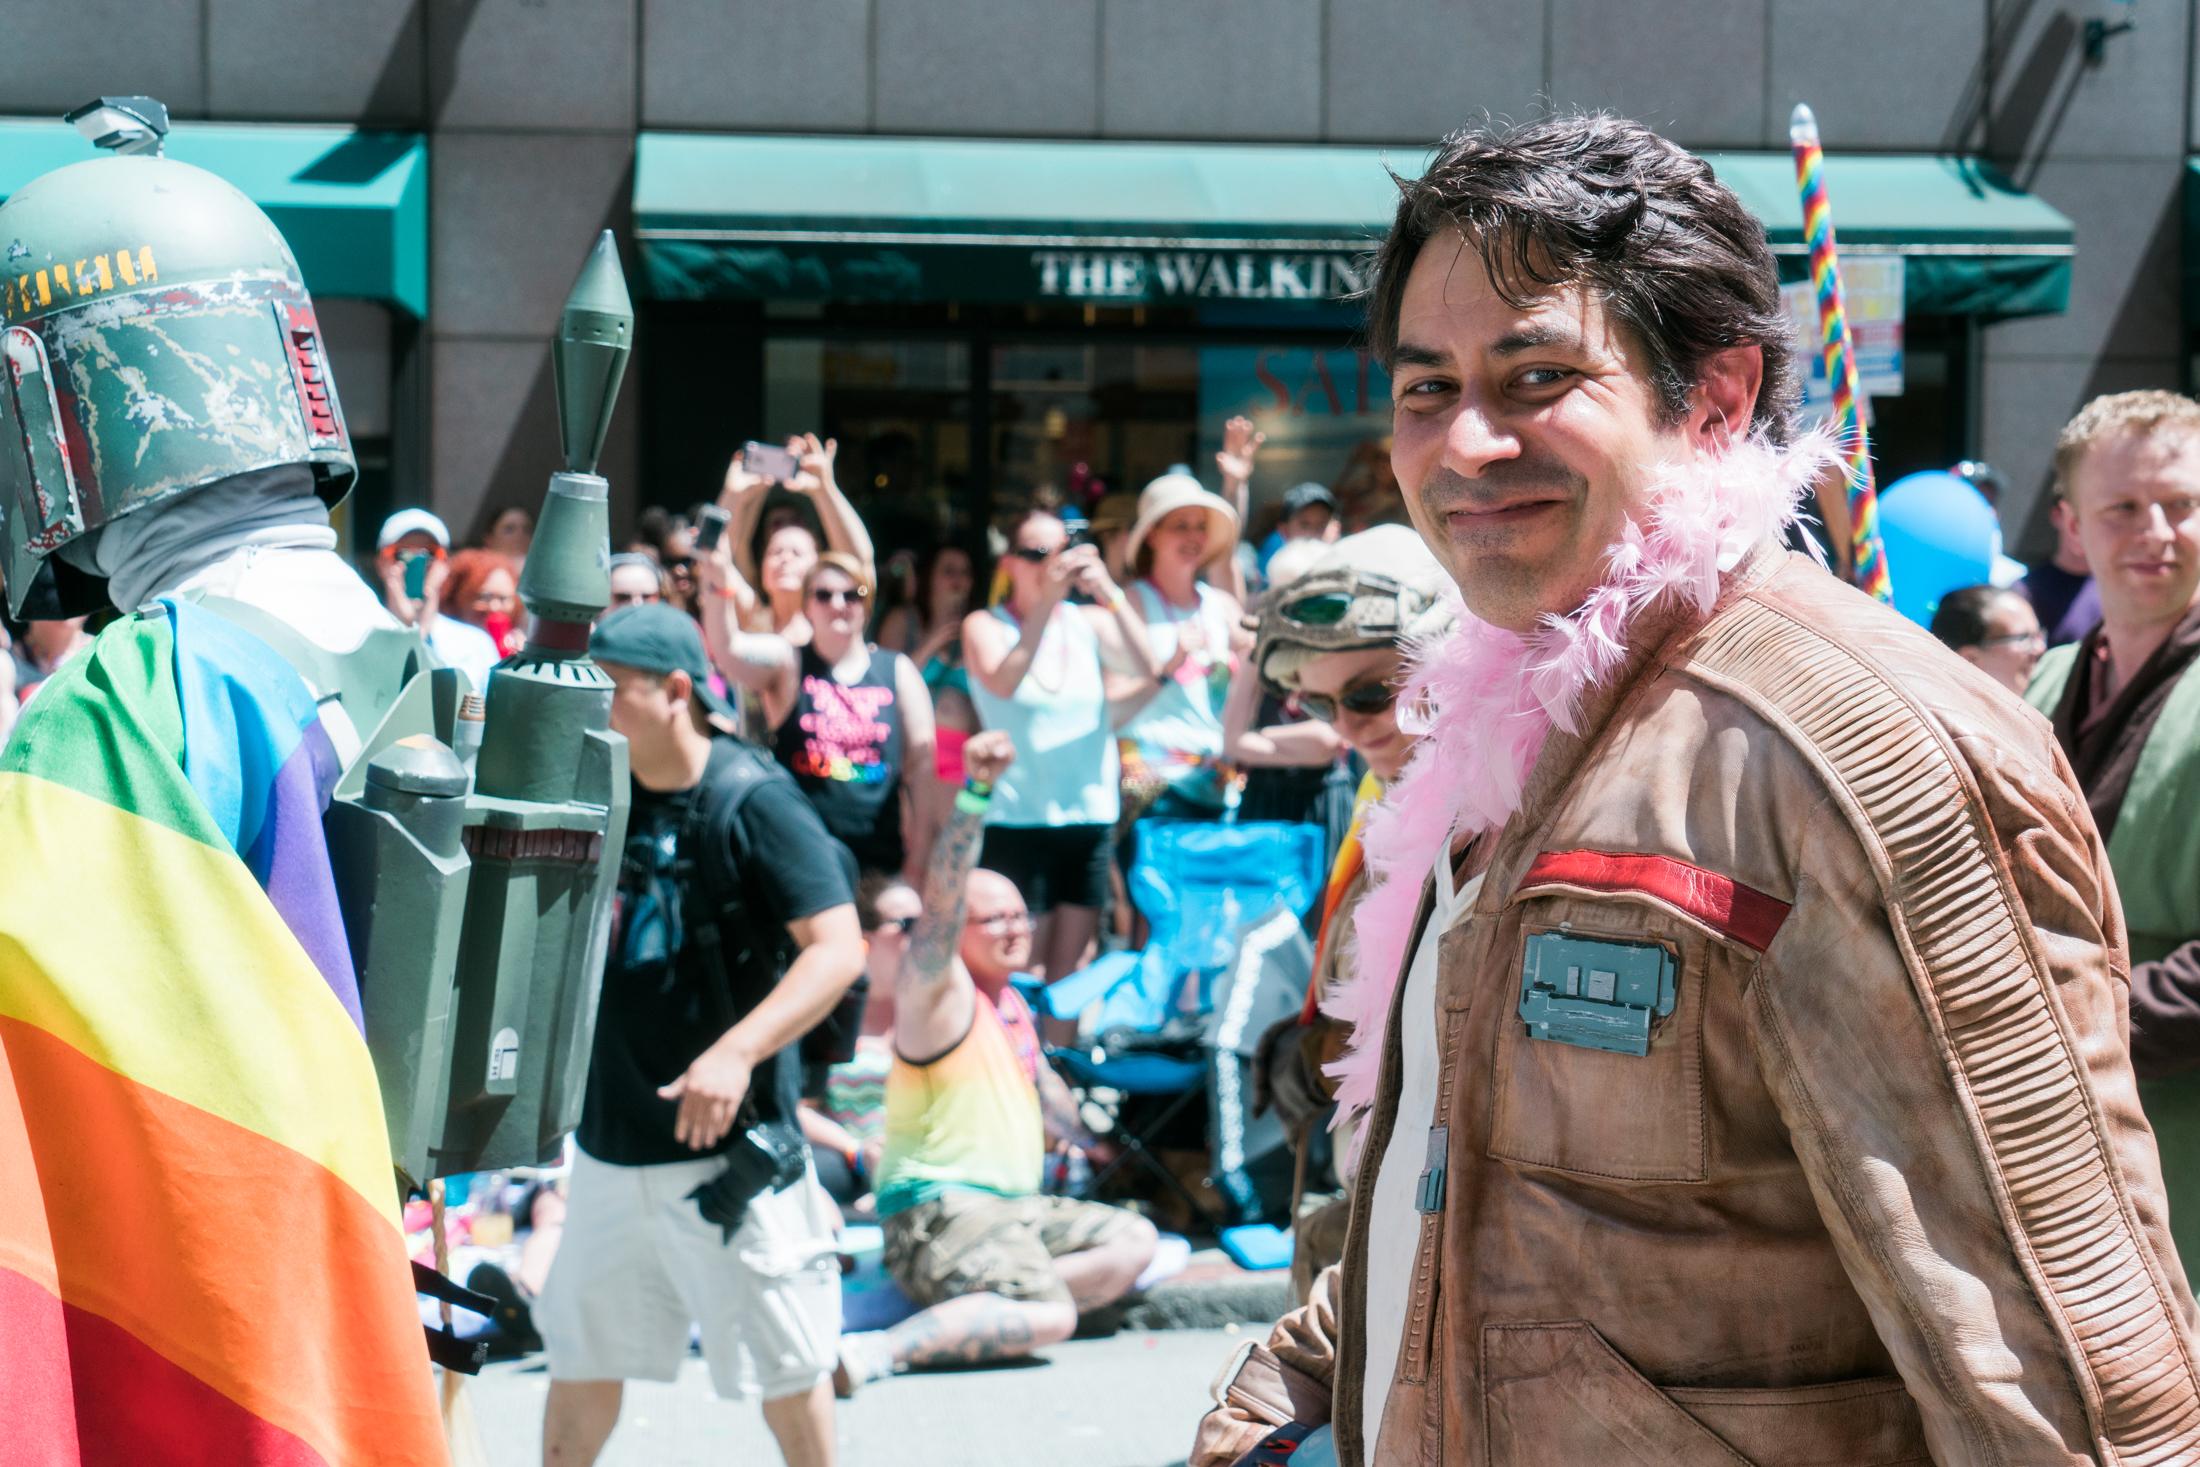 Seattle Pride Parade 2017 w Star Wars 501st Garrison Titan-08666.jpg